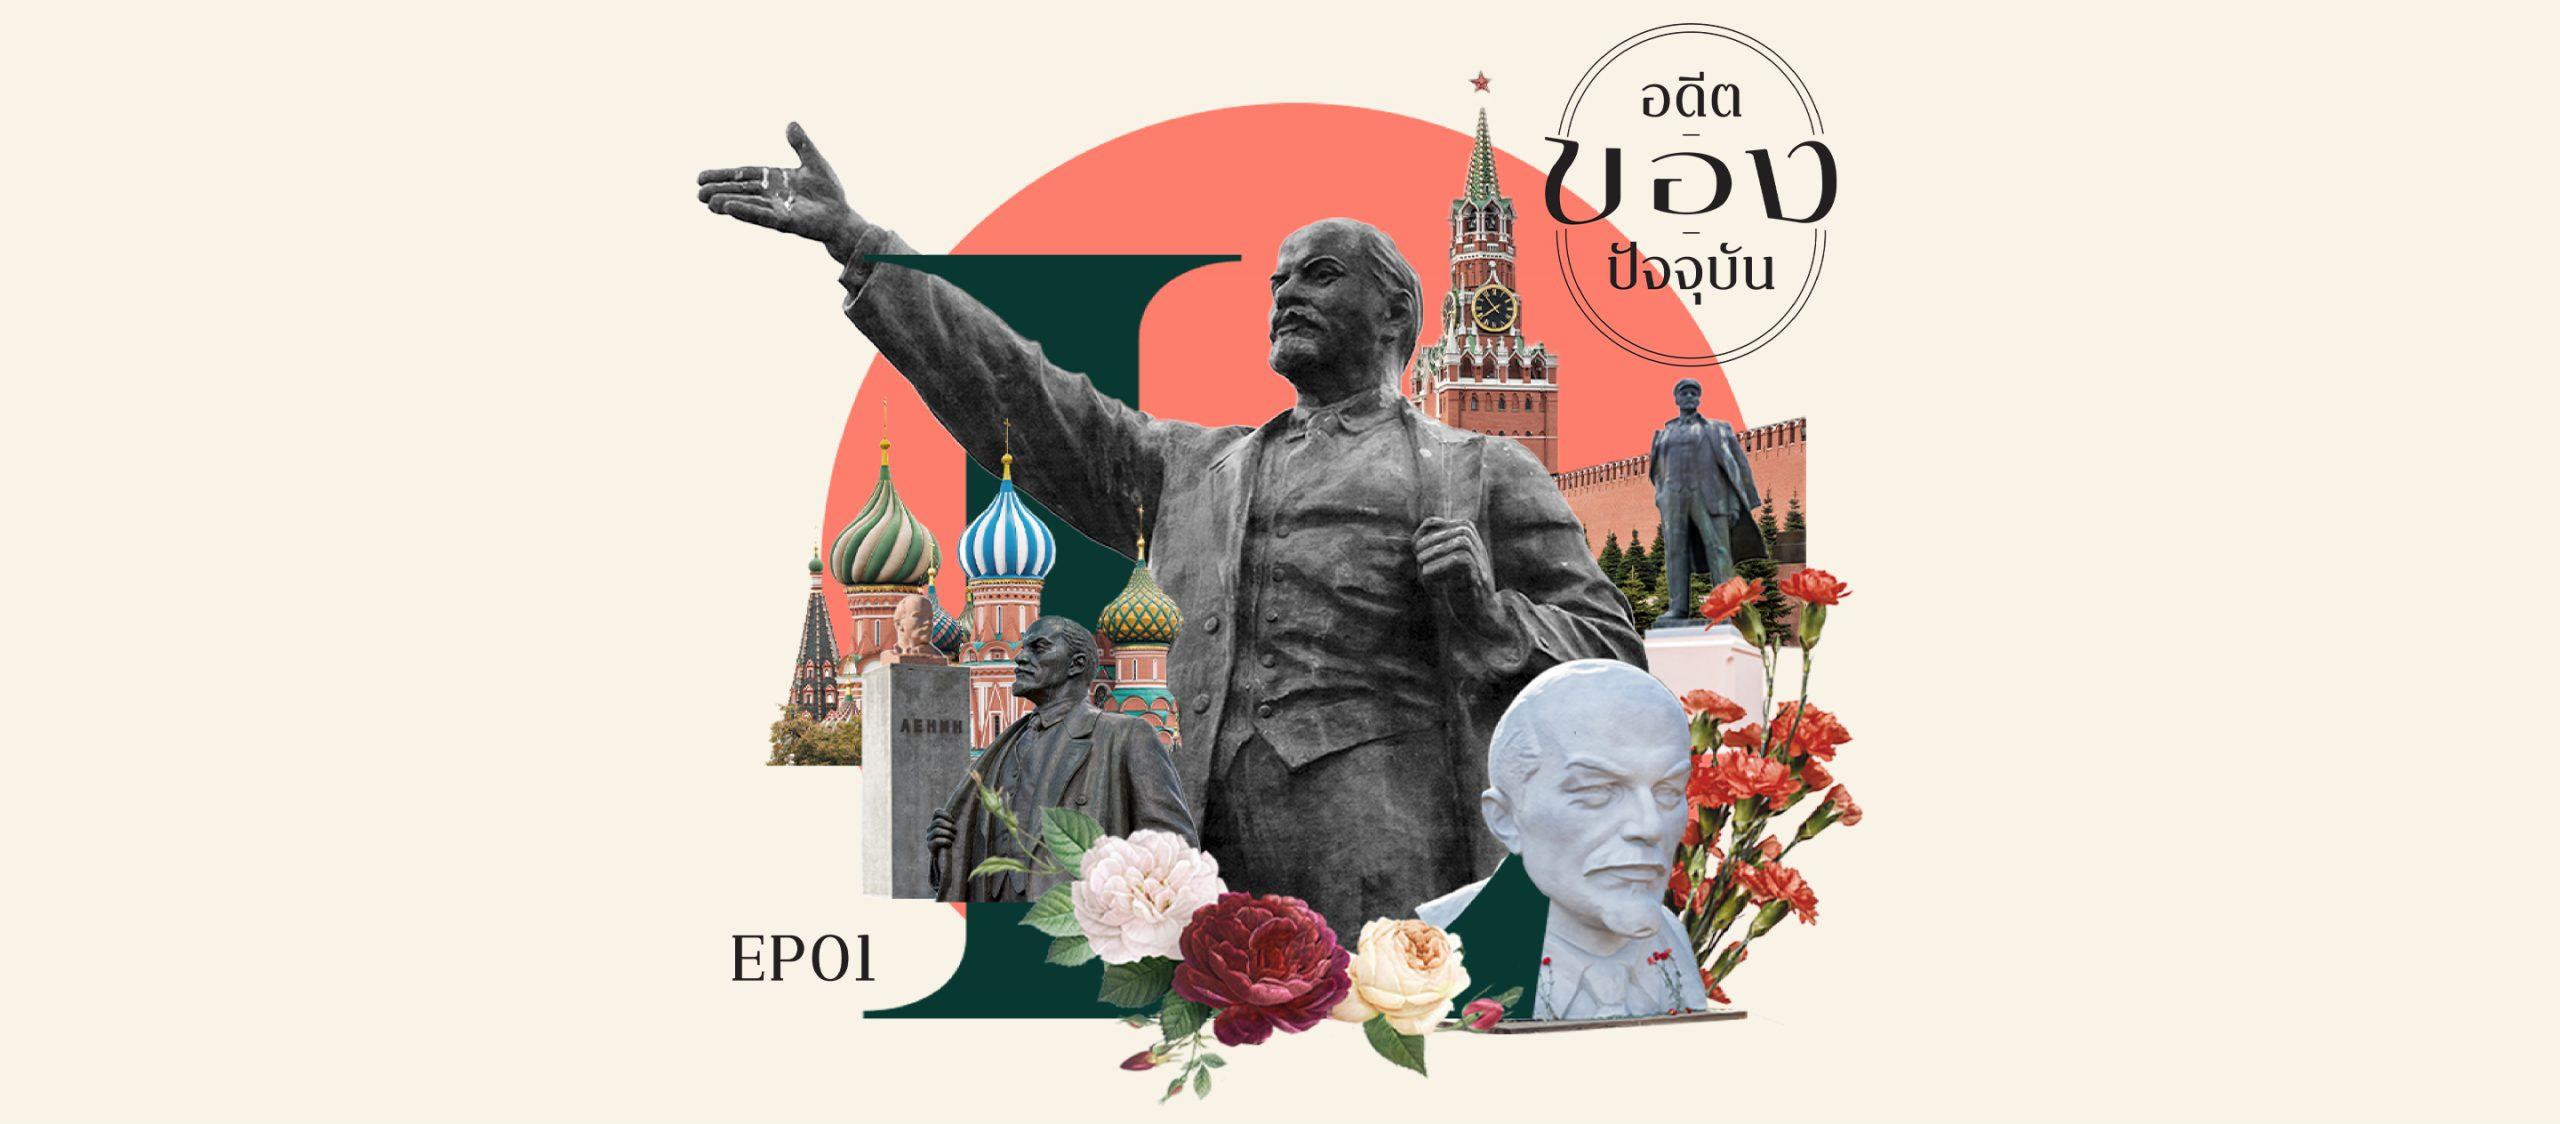 อดีต | ของ | ปัจจุบัน EP.01 'รูปปั้นเลนิน' รูปปั้นที่ปั้นคนให้เป็นสมมติเทพจนถูกผลิตซ้ำมากที่สุดในโลก